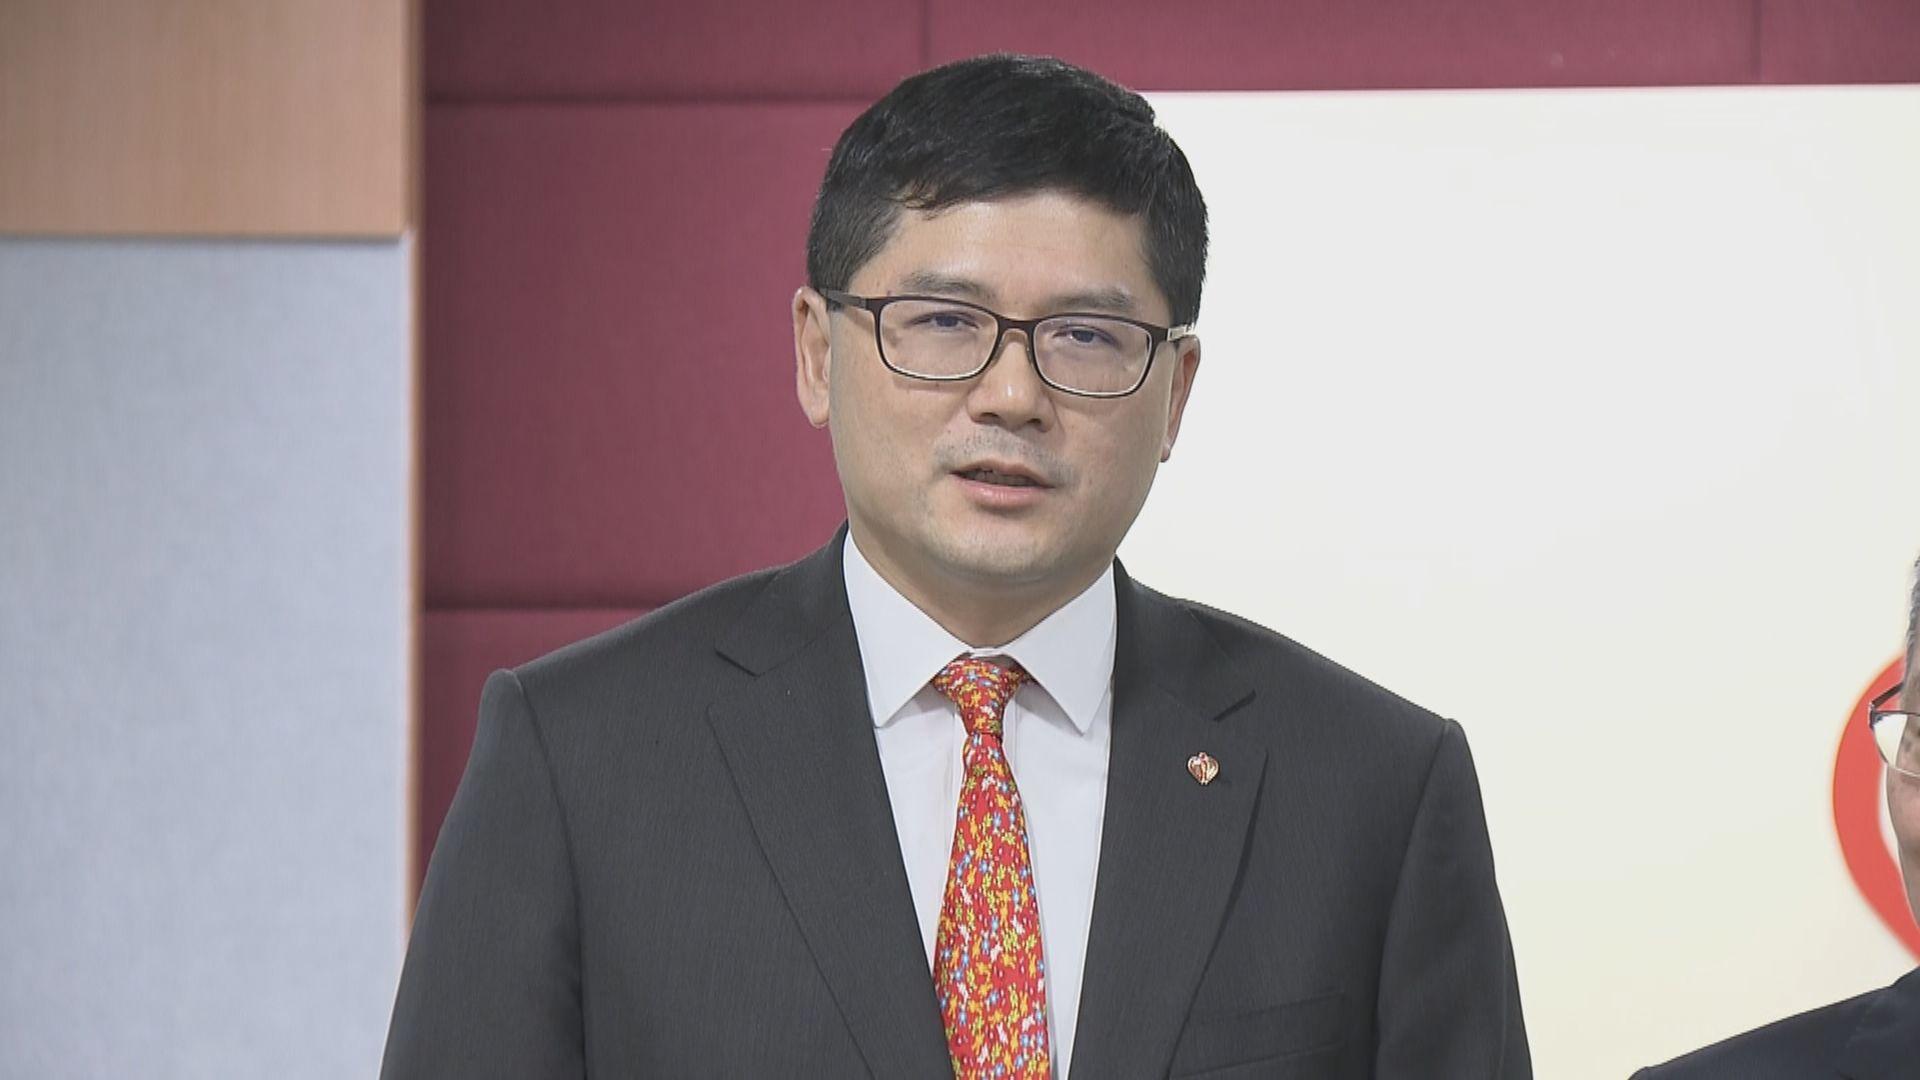 高拔陞對獲委任醫管局行政總裁表示榮幸